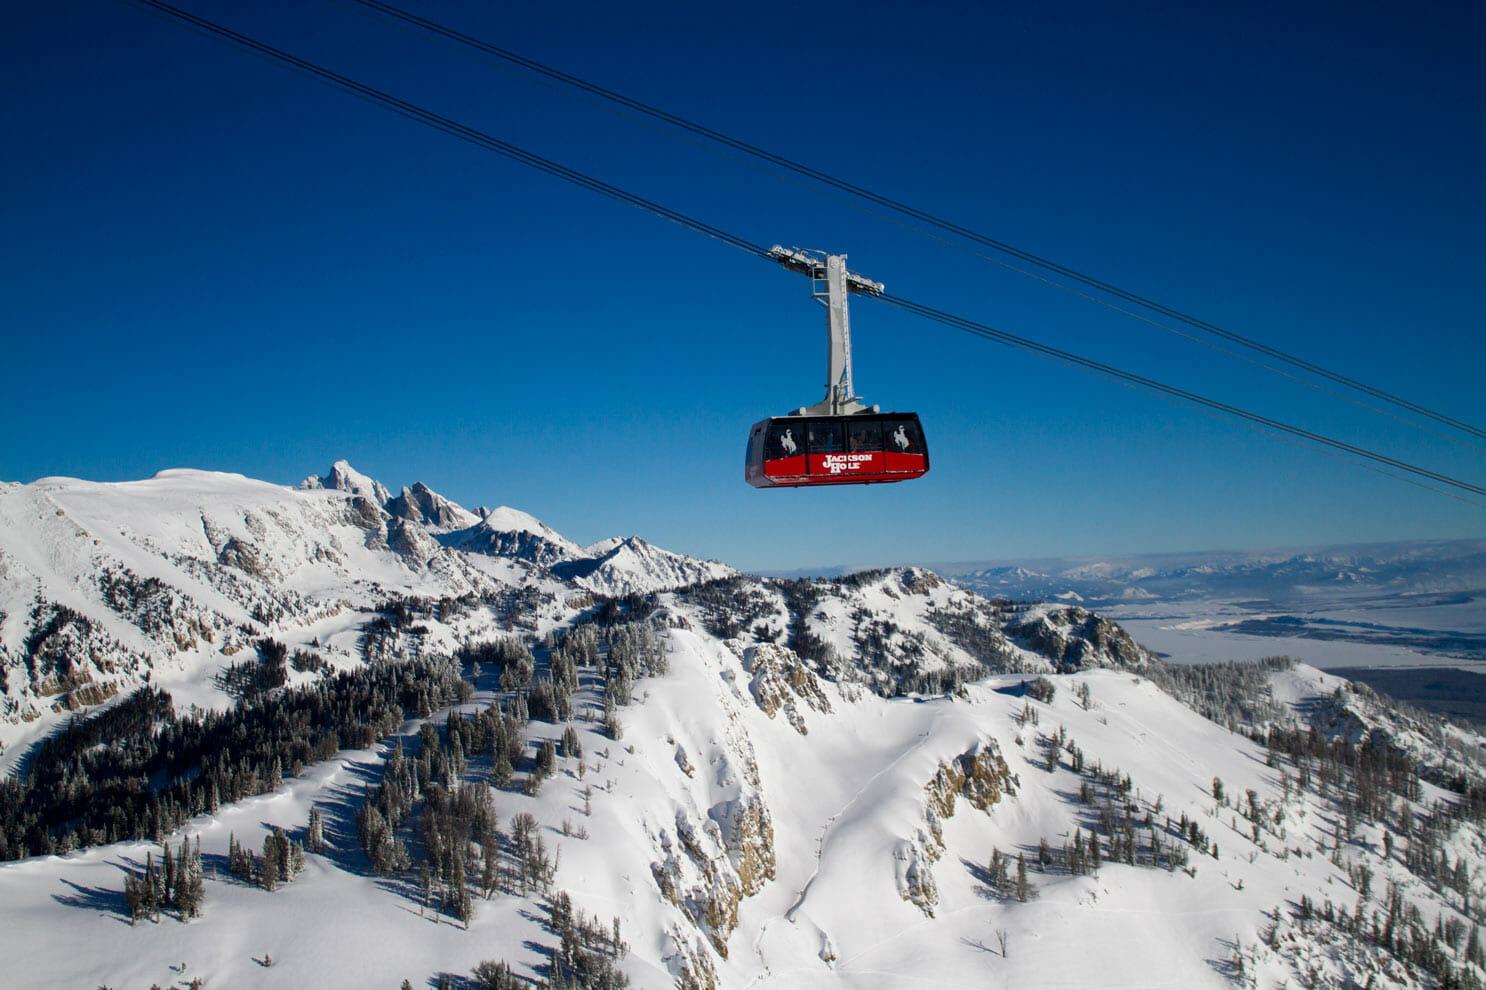 Tram in the sky